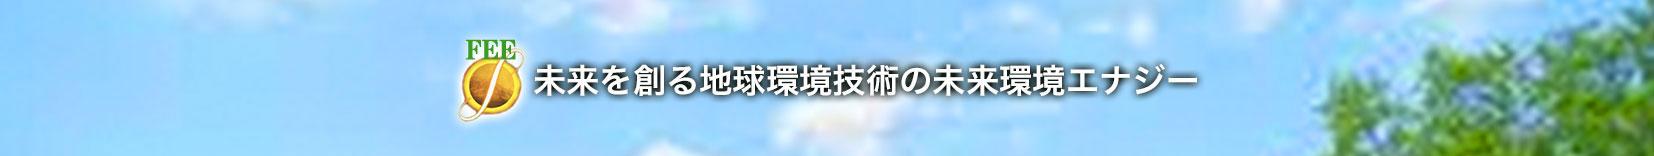 株式会社 未来環境エナジー Future Environment Energy Co., Ltd. 未来を拓くテクノロジー